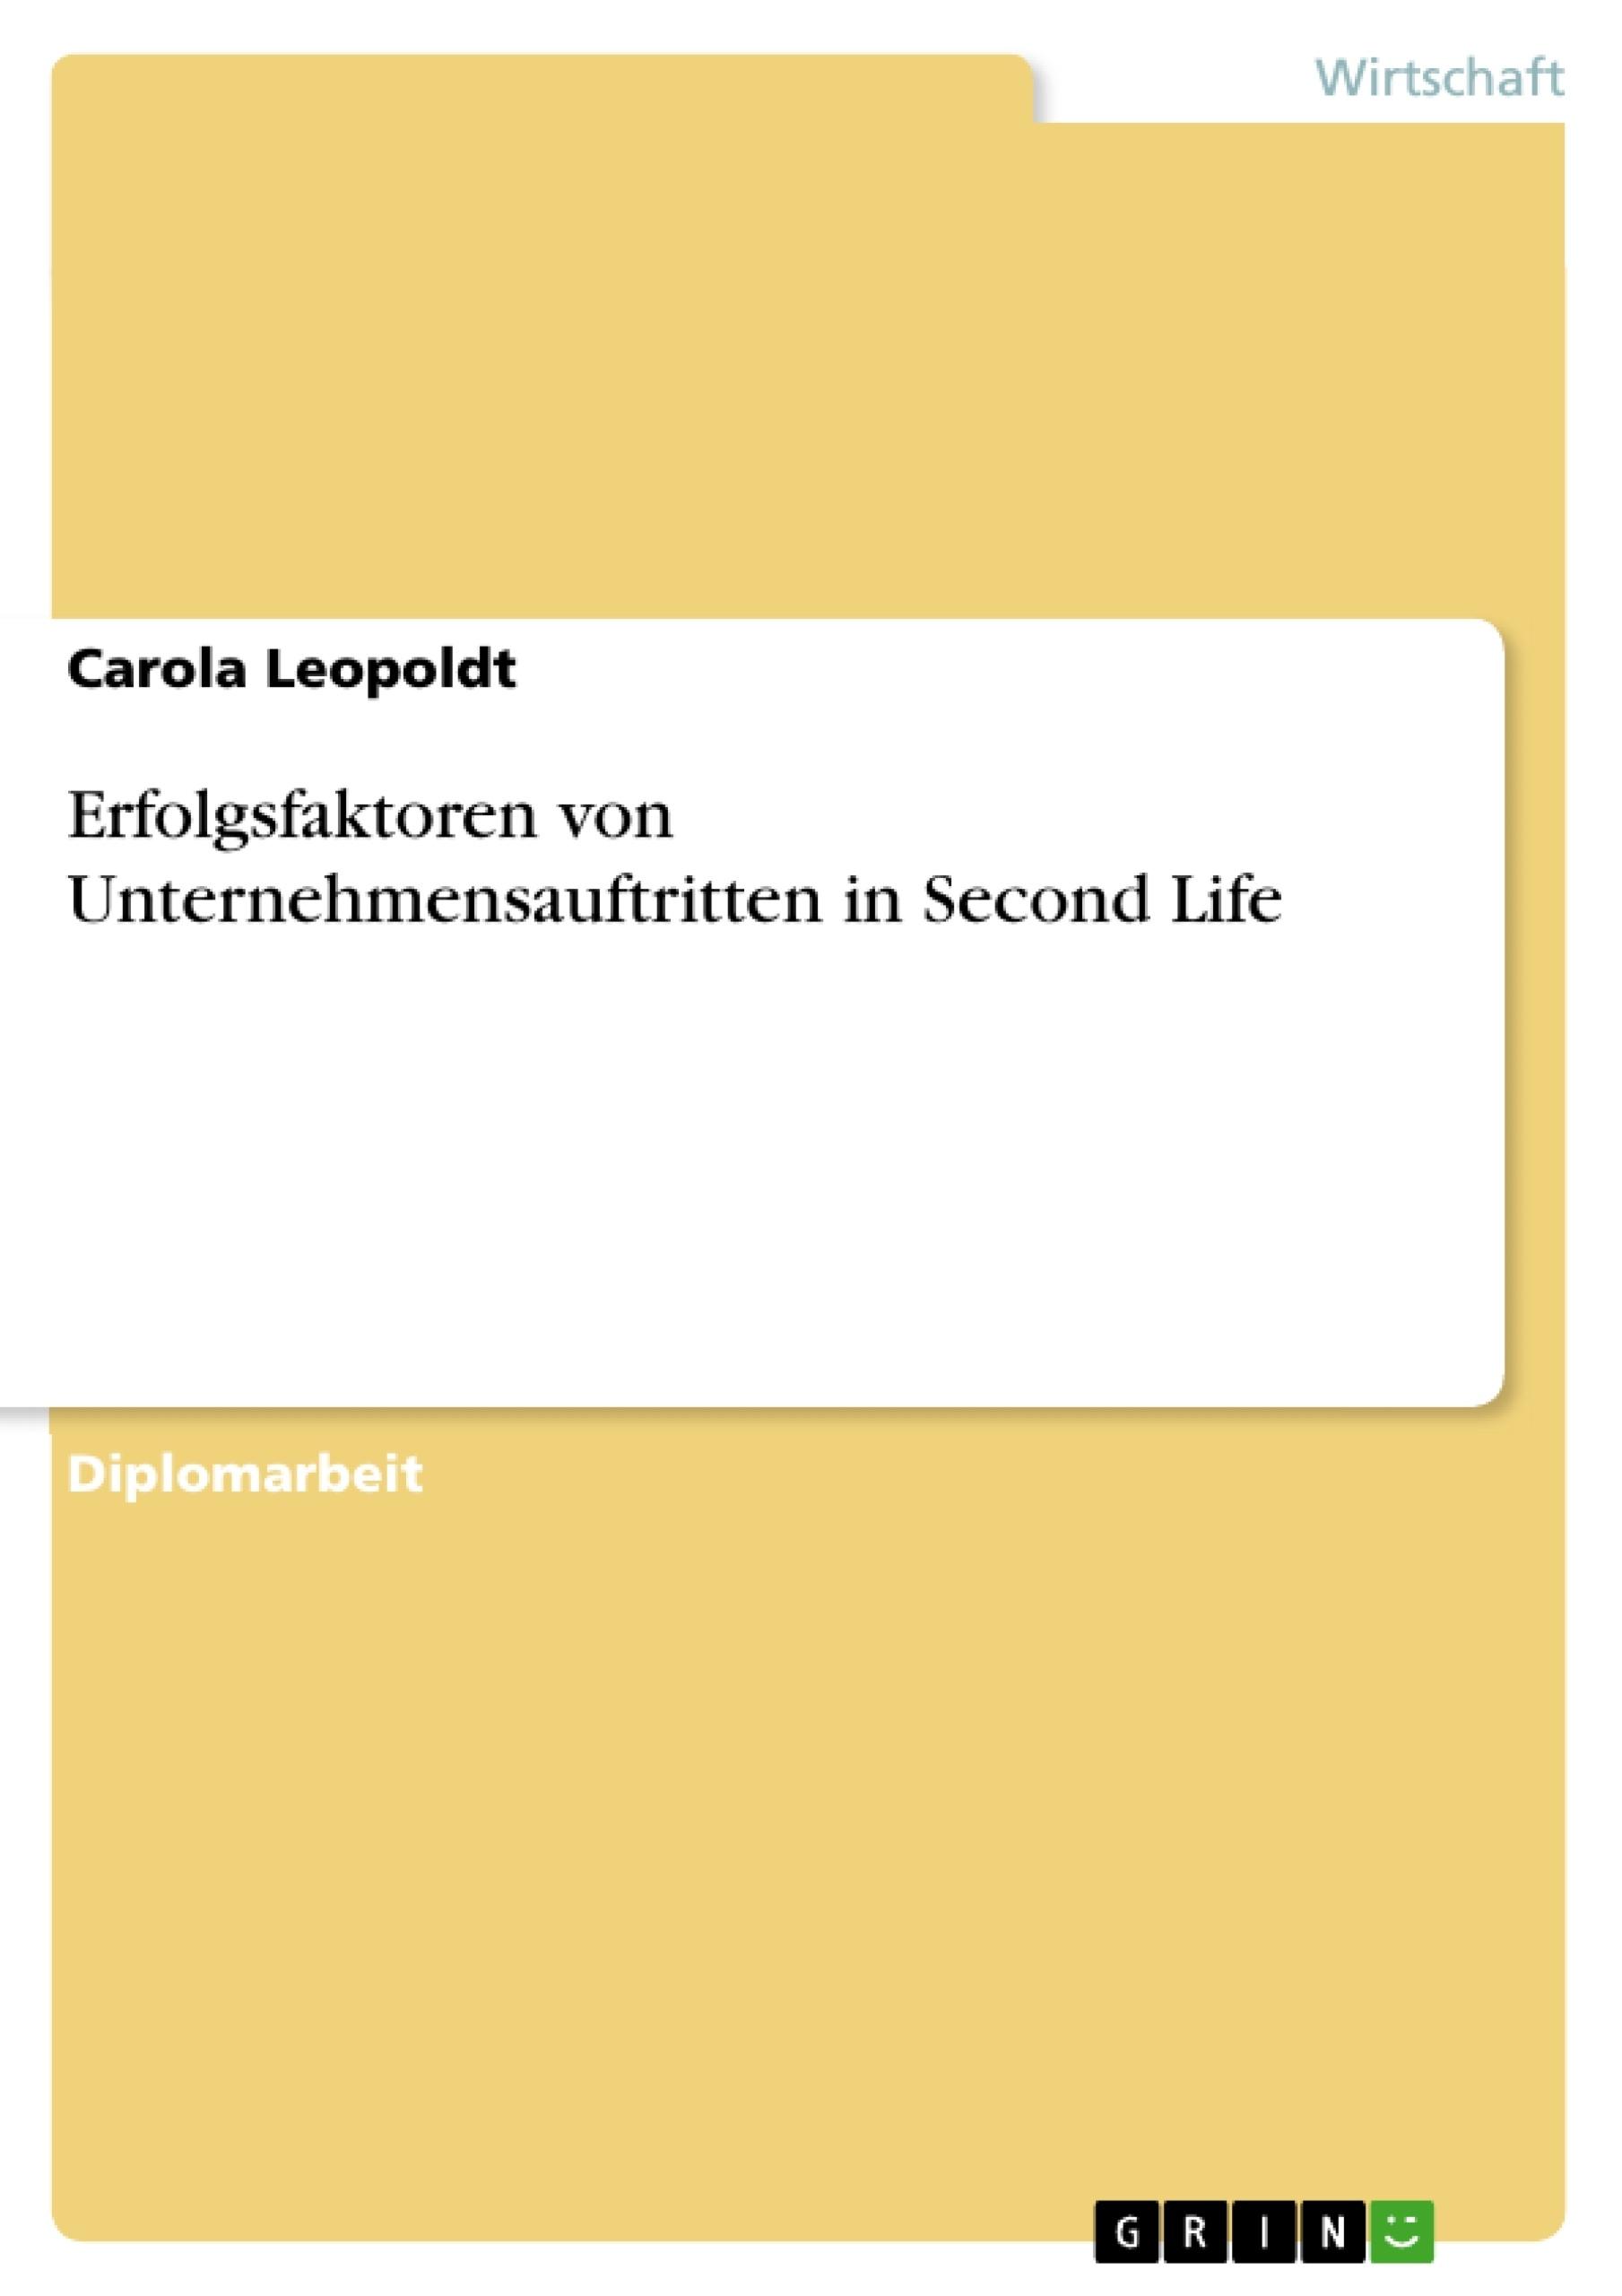 Titel: Erfolgsfaktoren von Unternehmensauftritten in Second Life